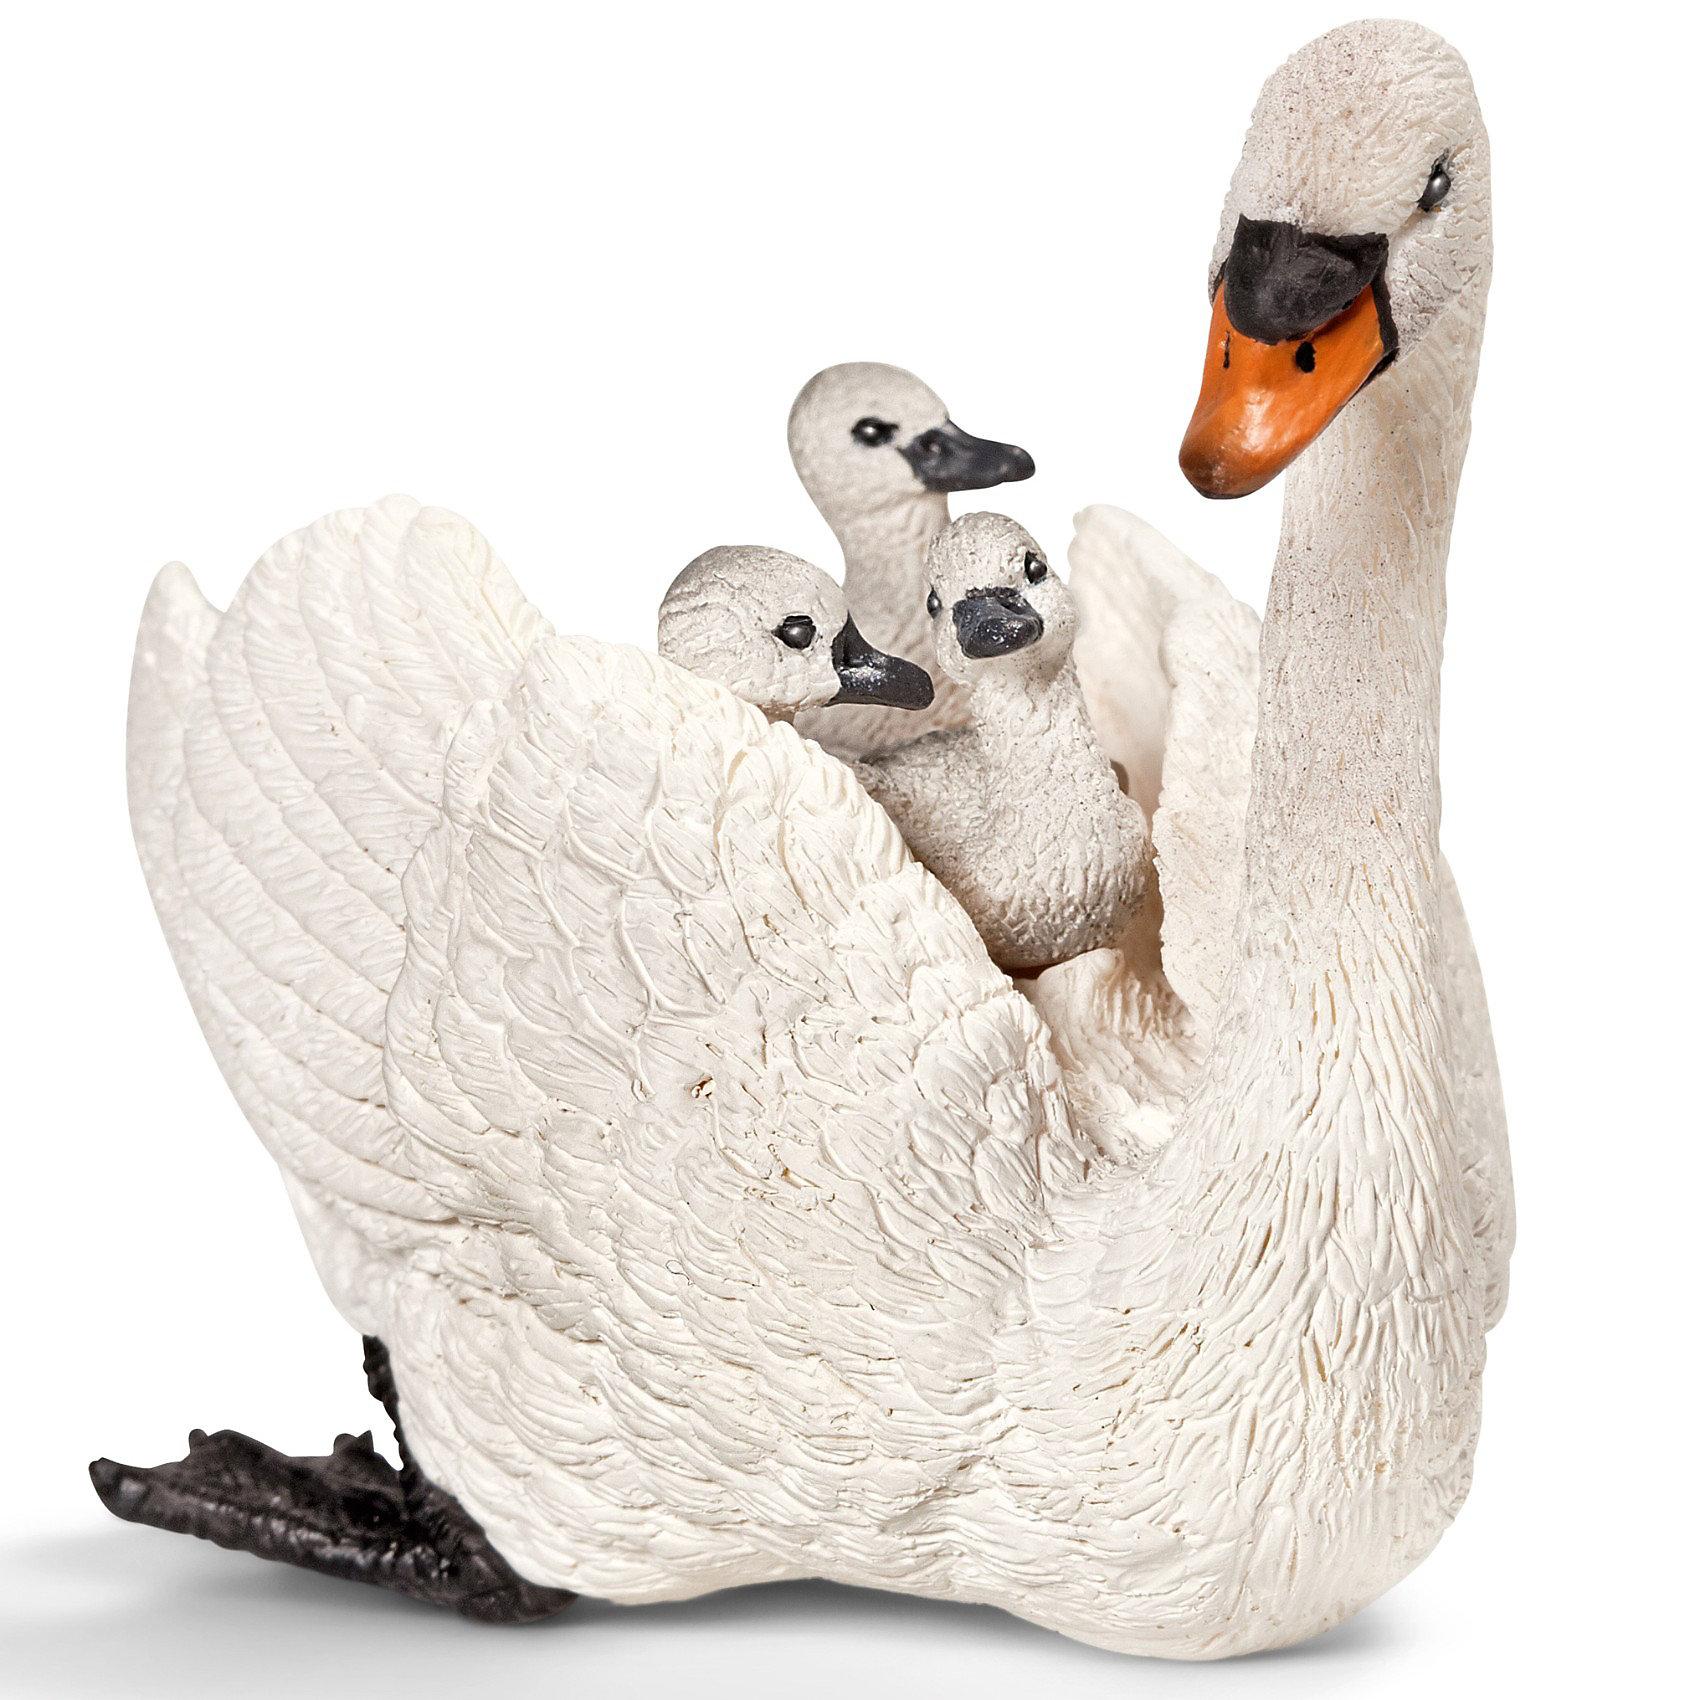 Schleich Белый лебедь с птенцами. Серия Домашние животныеSchleich (Шляйх) Белый лебедь с птенцами. Серия Домашние животные. Белый лебедь – одна из самых крупных птиц, умеющих летать. Если птенцам лебедя угрожает опасность, он сажает своих детенышей себе на спину. Белого лебедя называют лебедь-шипун, т.к. эти птицы не обладают такими «вокальными данными» как остальные особи семейства лебедей. <br><br>Дополнительная информация:<br><br>-Фигурка  белого лебедя с птенцами выполнена из каучукового пластика, каждая фигурка раскрашена вручную.<br>-размеры (ДхШхВ): 4,5х6х7 см<br><br>Этот подарок понравится маленьким орнитологам и всем любознательным детям!<br><br>Игрушку белый лебедь с птенцами из серии Домашние животные от Schleich (Шляйх) можно купить в нашем магазине.<br><br>Ширина мм: 93<br>Глубина мм: 48<br>Высота мм: 32<br>Вес г: 53<br>Возраст от месяцев: 36<br>Возраст до месяцев: 96<br>Пол: Унисекс<br>Возраст: Детский<br>SKU: 2609271